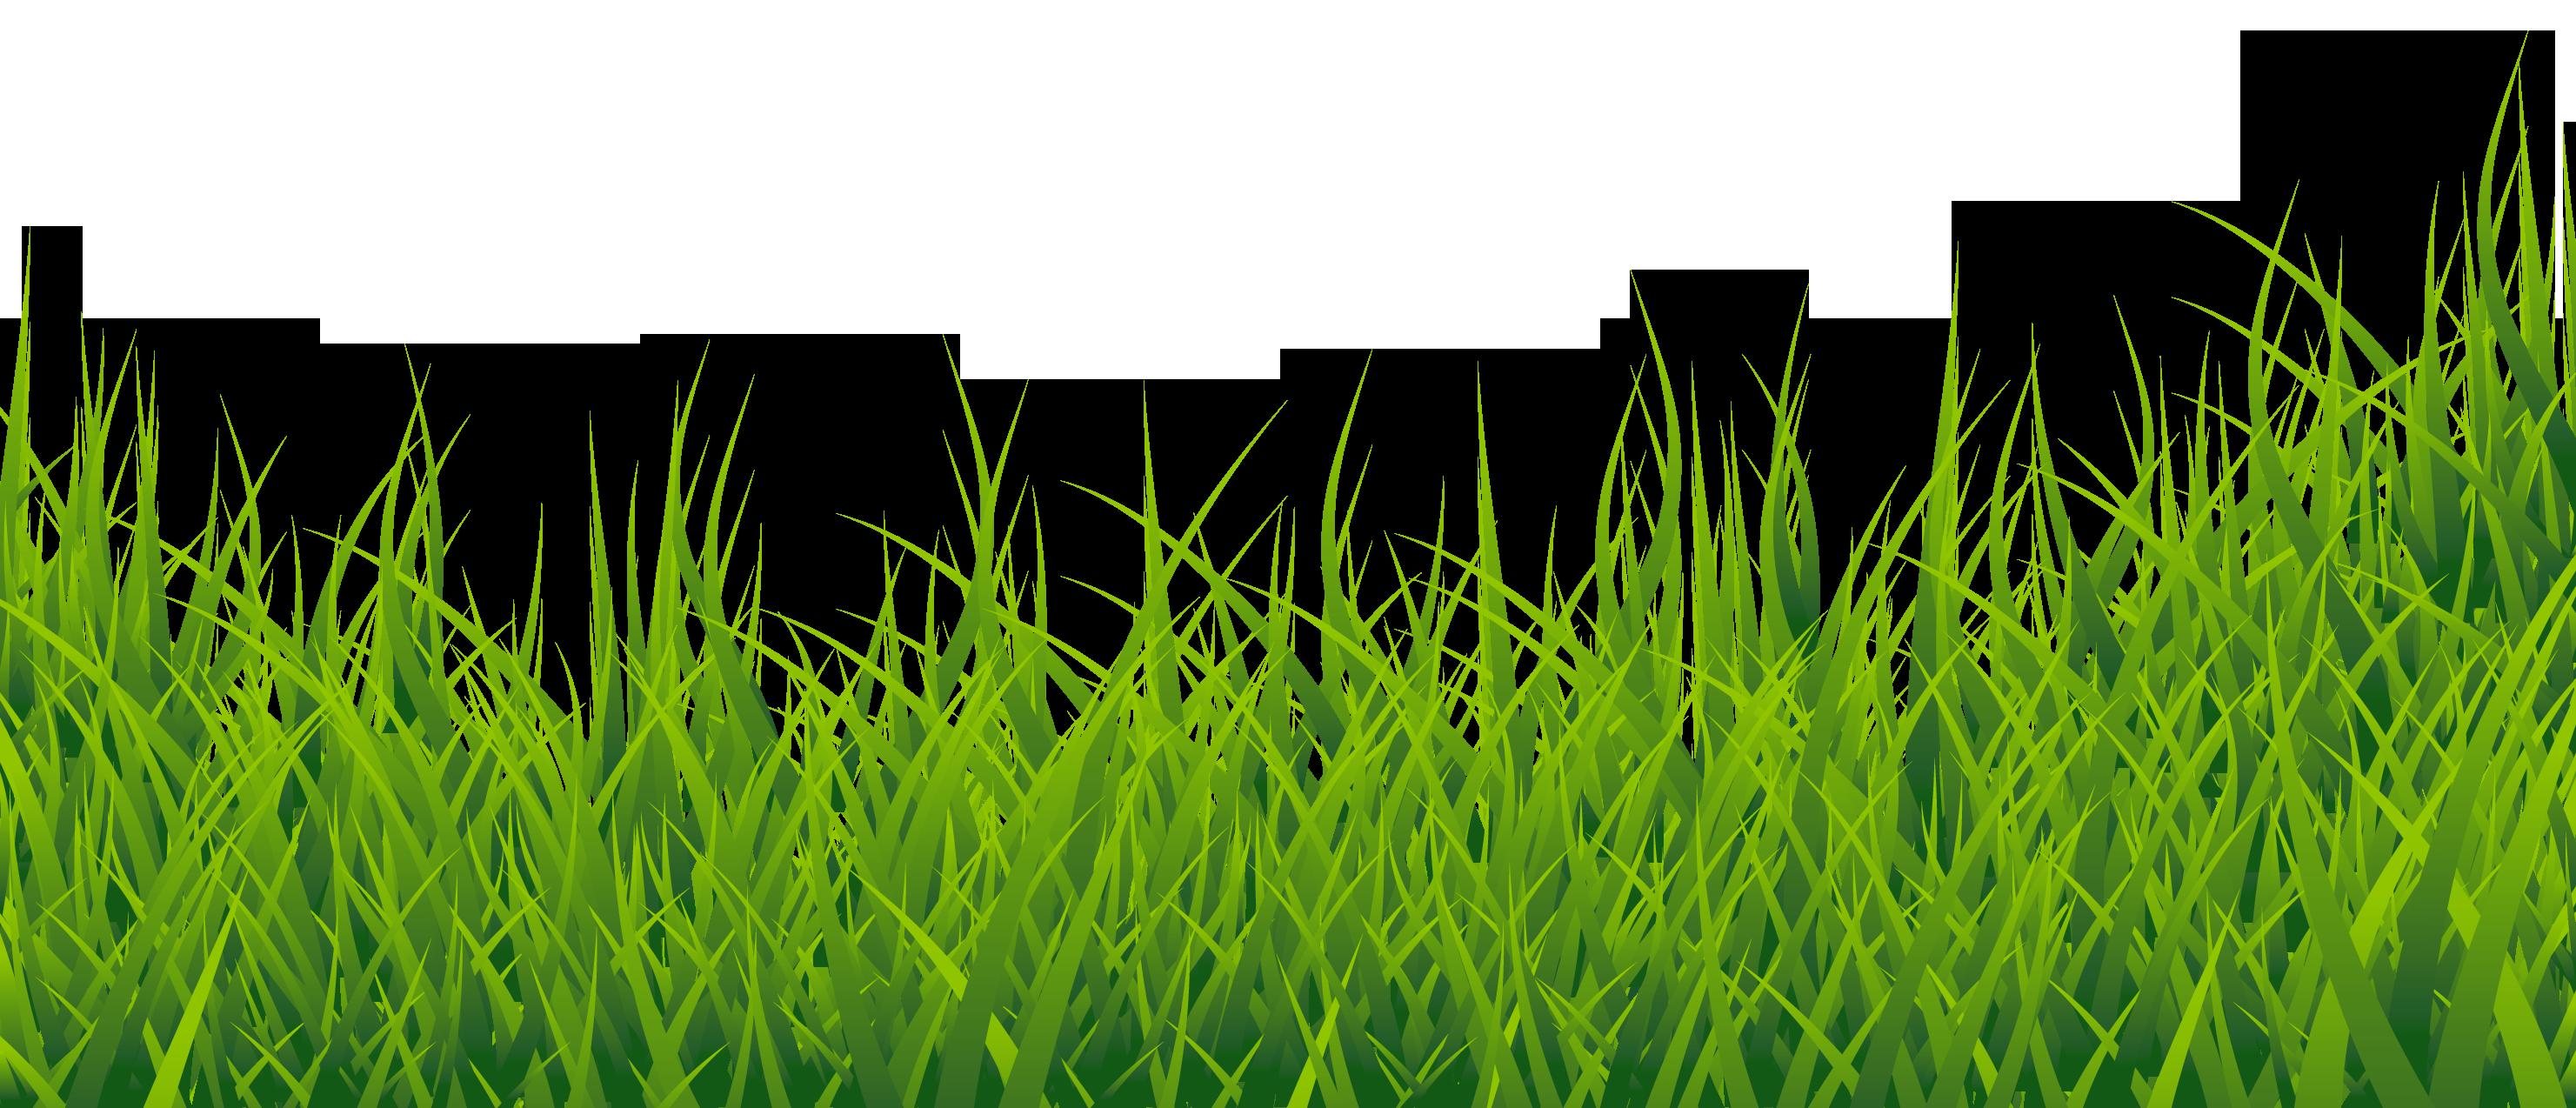 Pin Wallpaper Clipart Grass #8 - Grass HD PNG